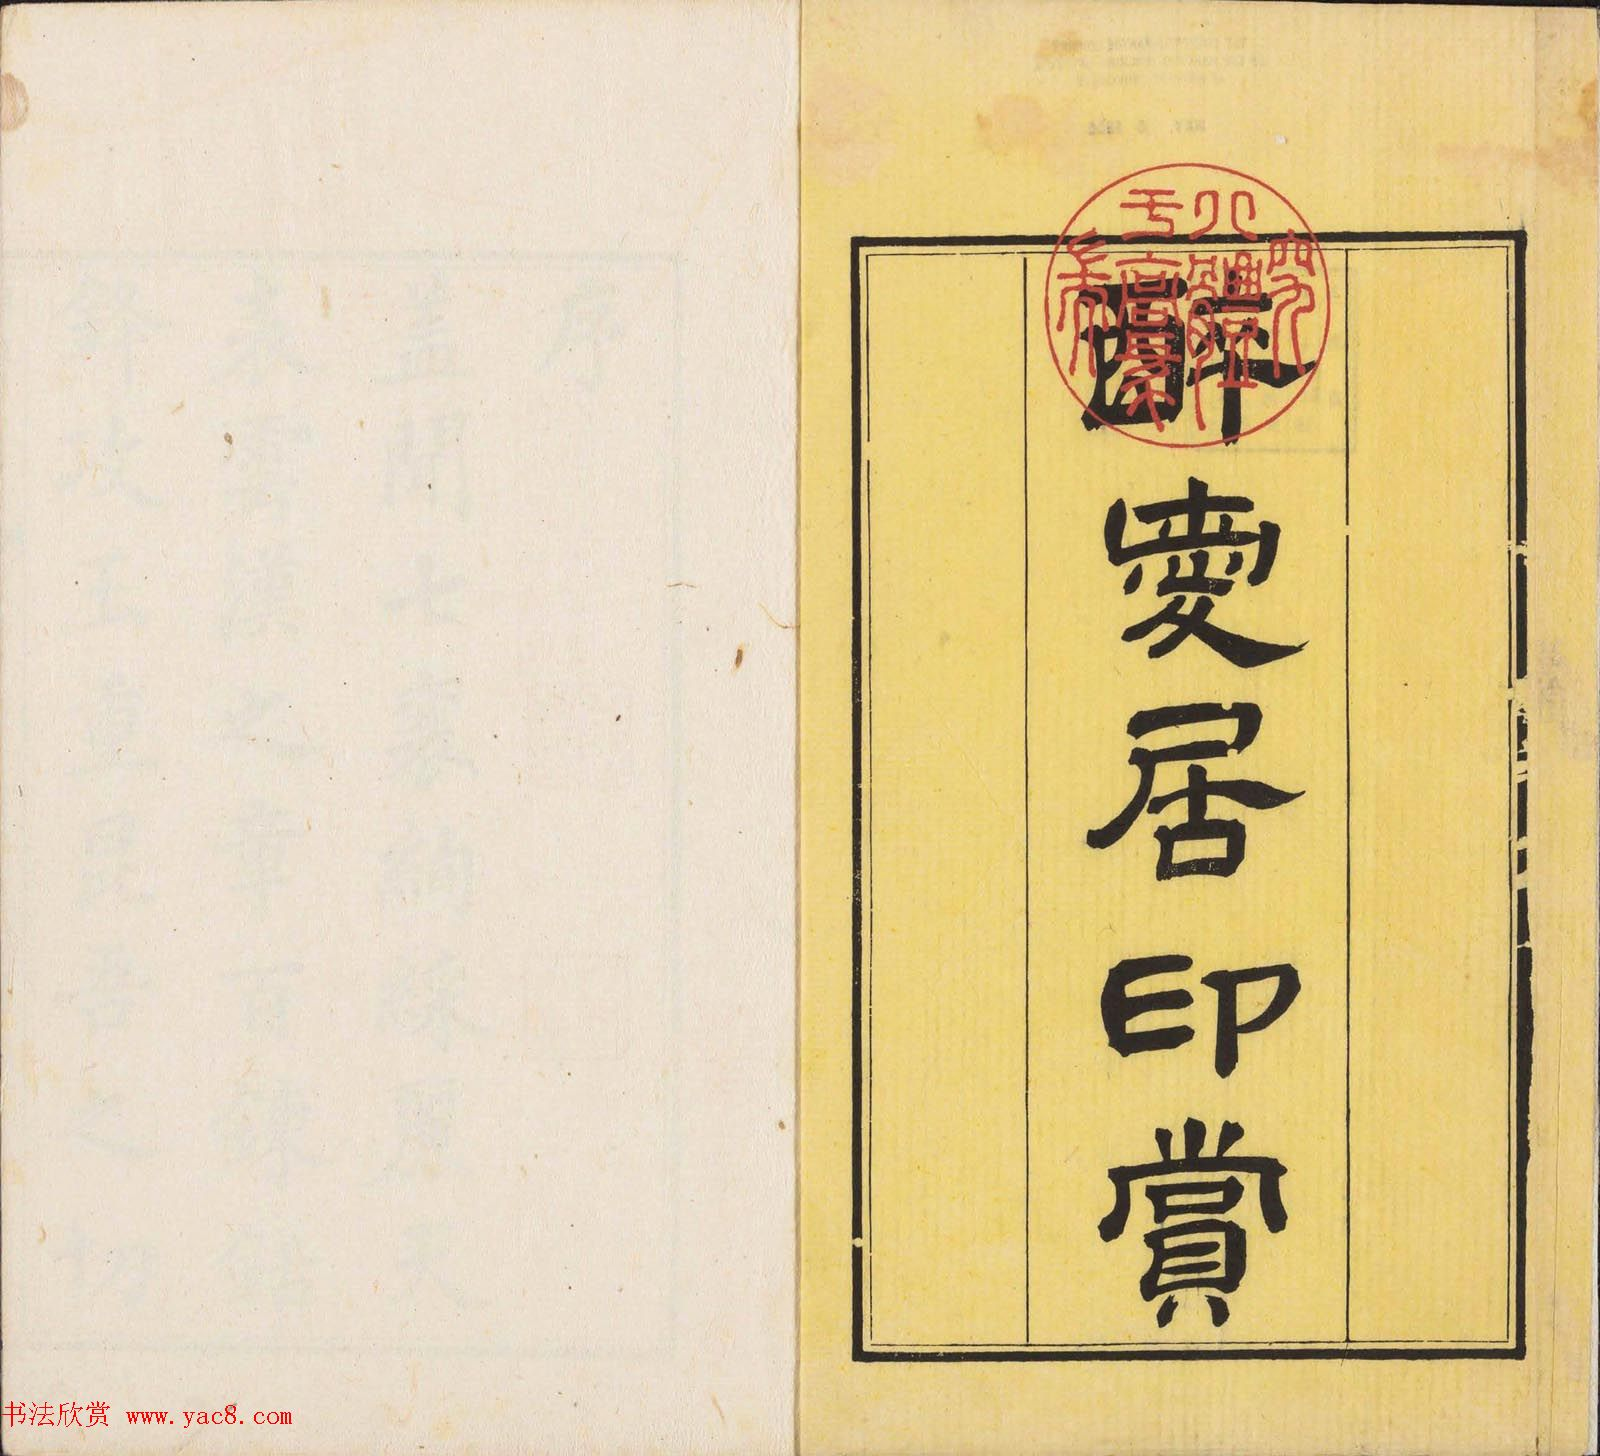 王睿章篆刻《醉爱居西厢百咏印赏》两册